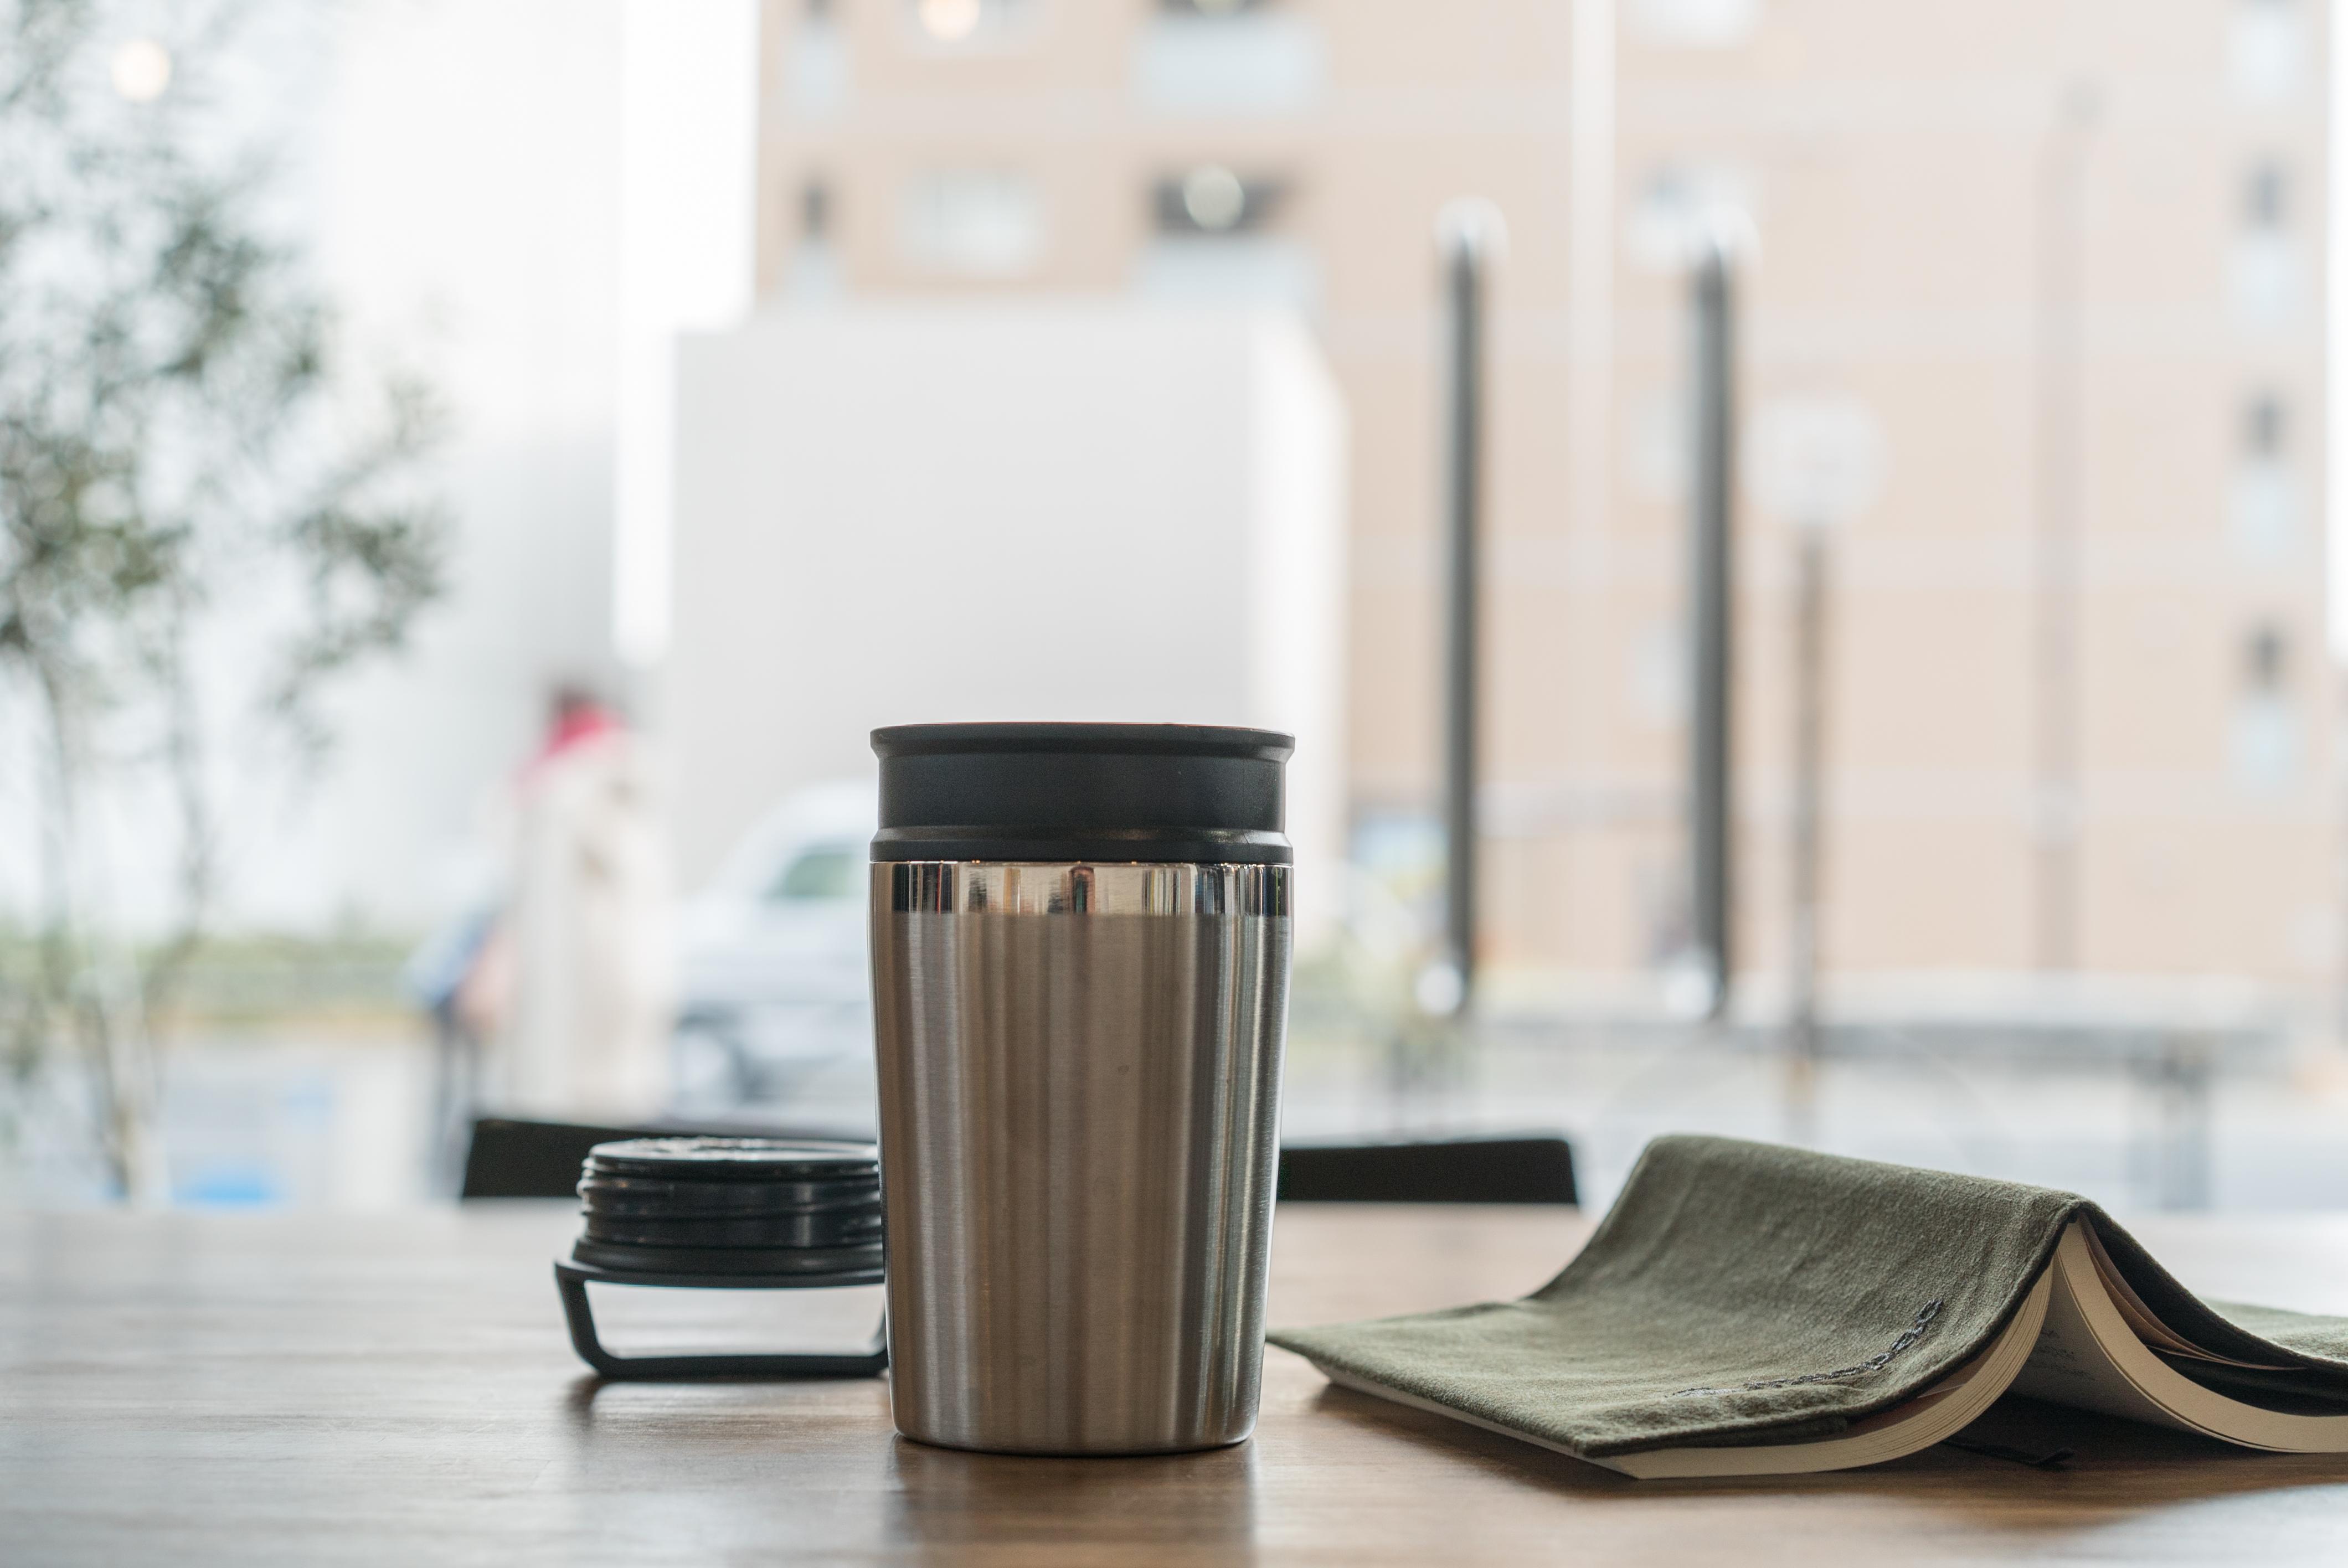 「コーヒー×読書×アウトドア」そんな時間をより快適に過ごすアイテムいくつかあります!